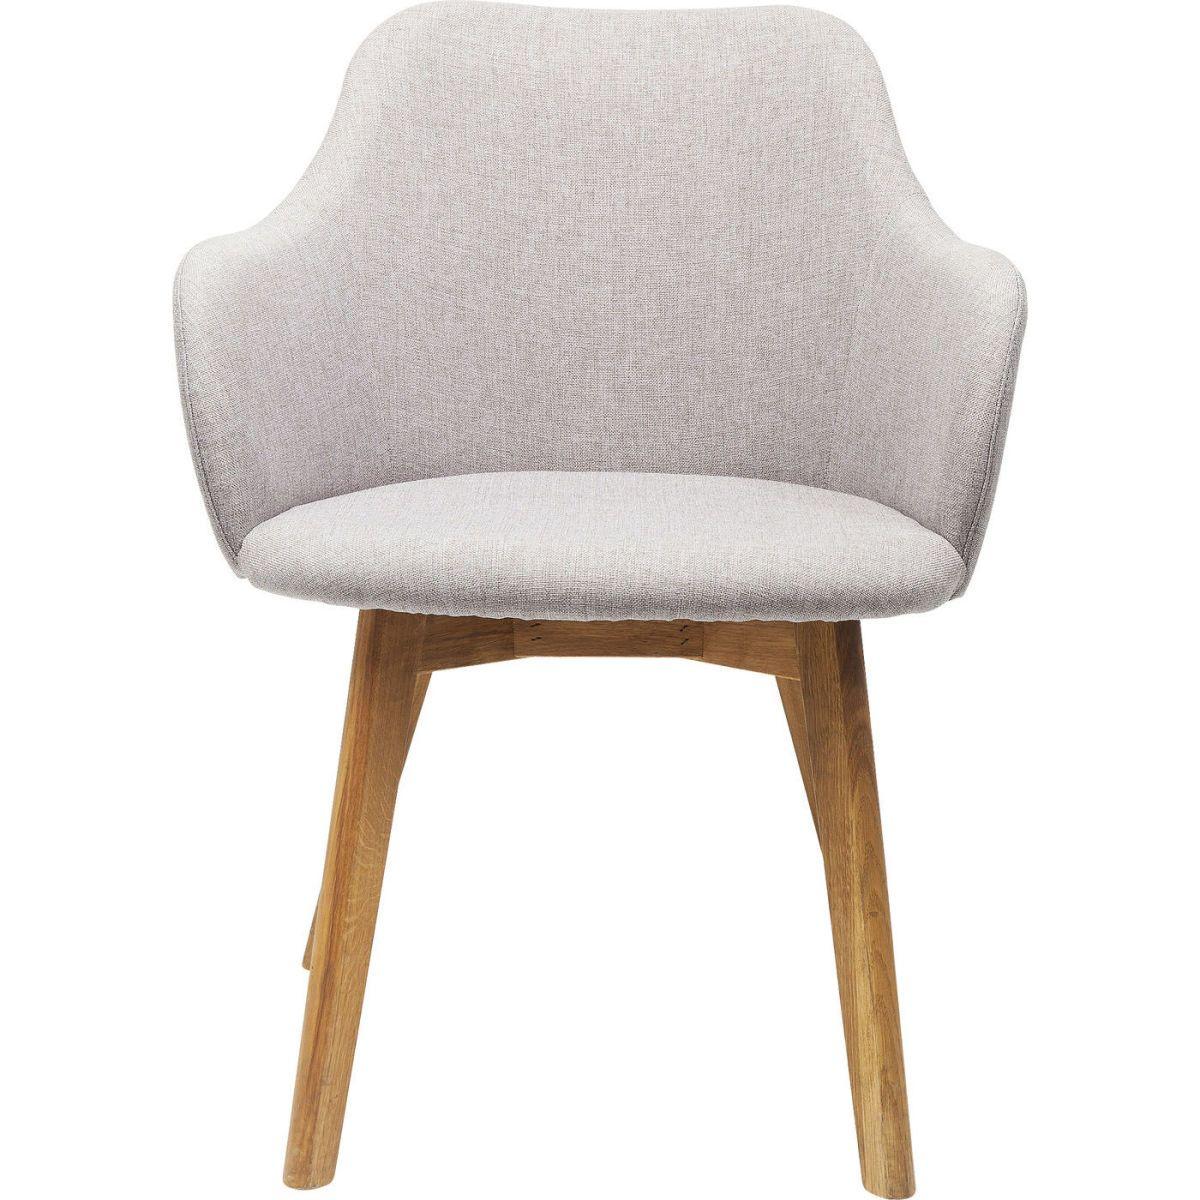 Armlehnstuhl Lady Grau | Küche Und Esszimmer U003e Stühle Und Hocker U003e  Armlehnstühle | Grau |